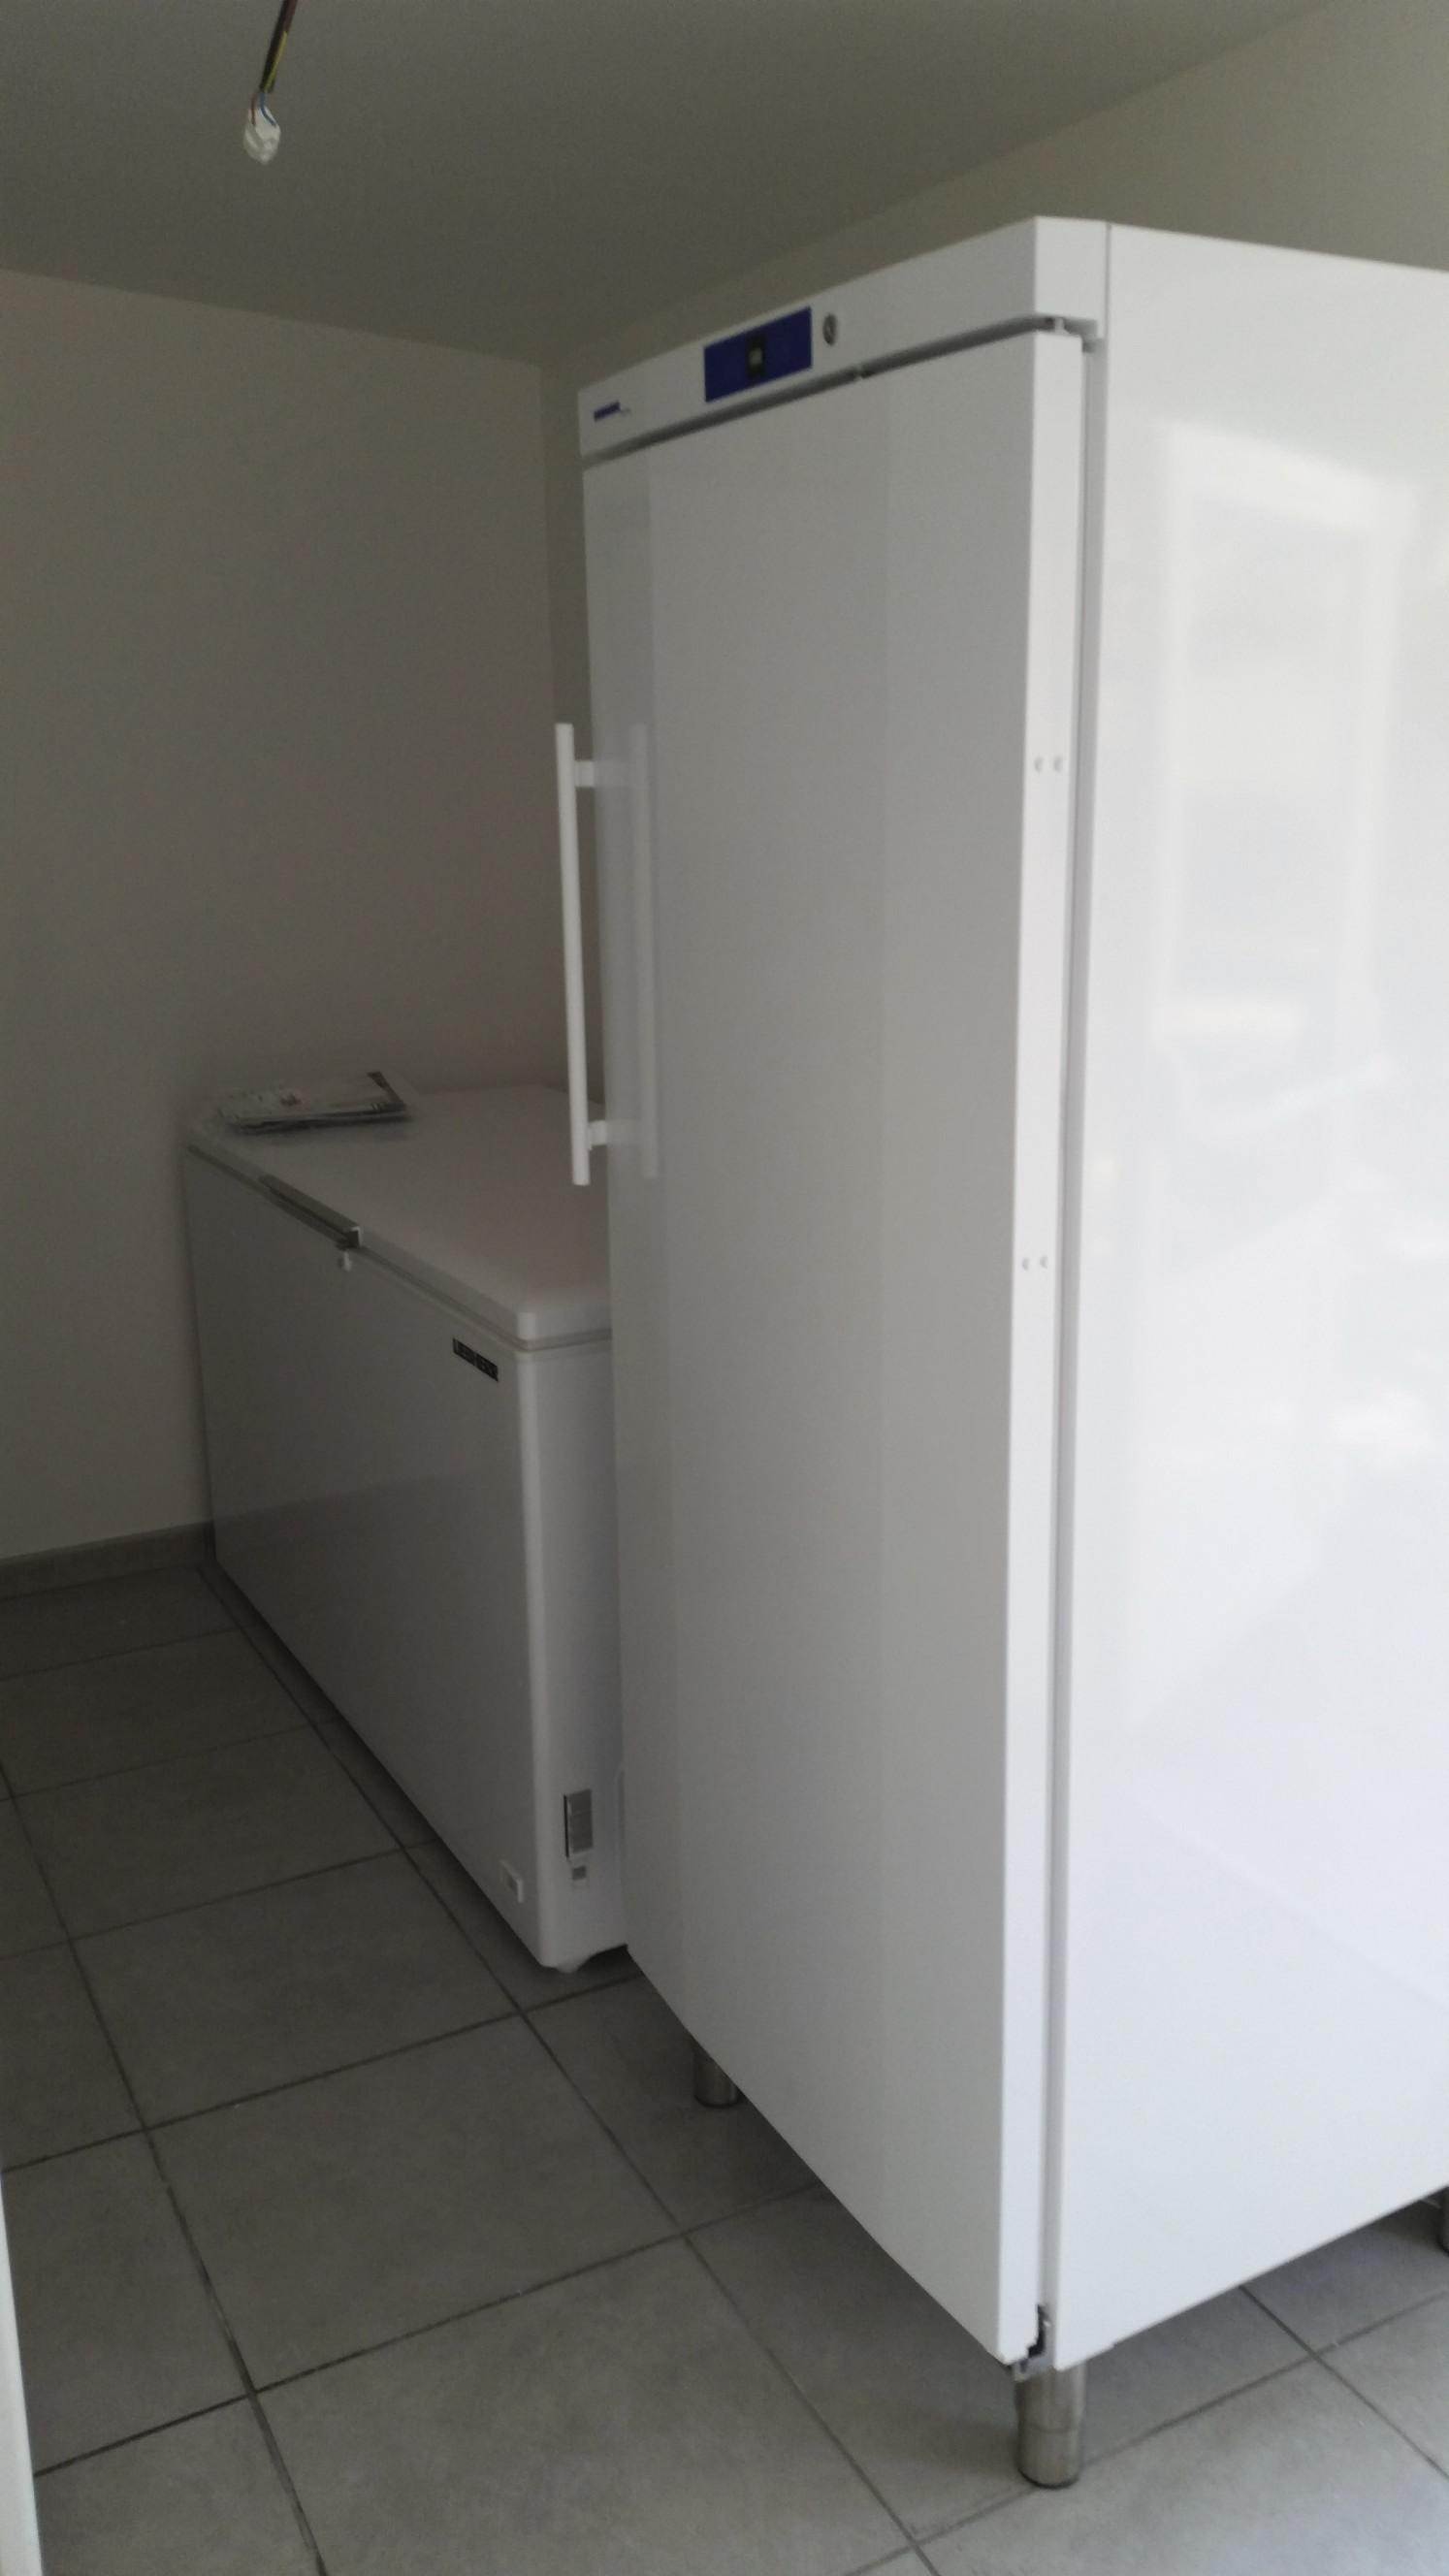 installation d'armoires de cuisine réfrigérateur